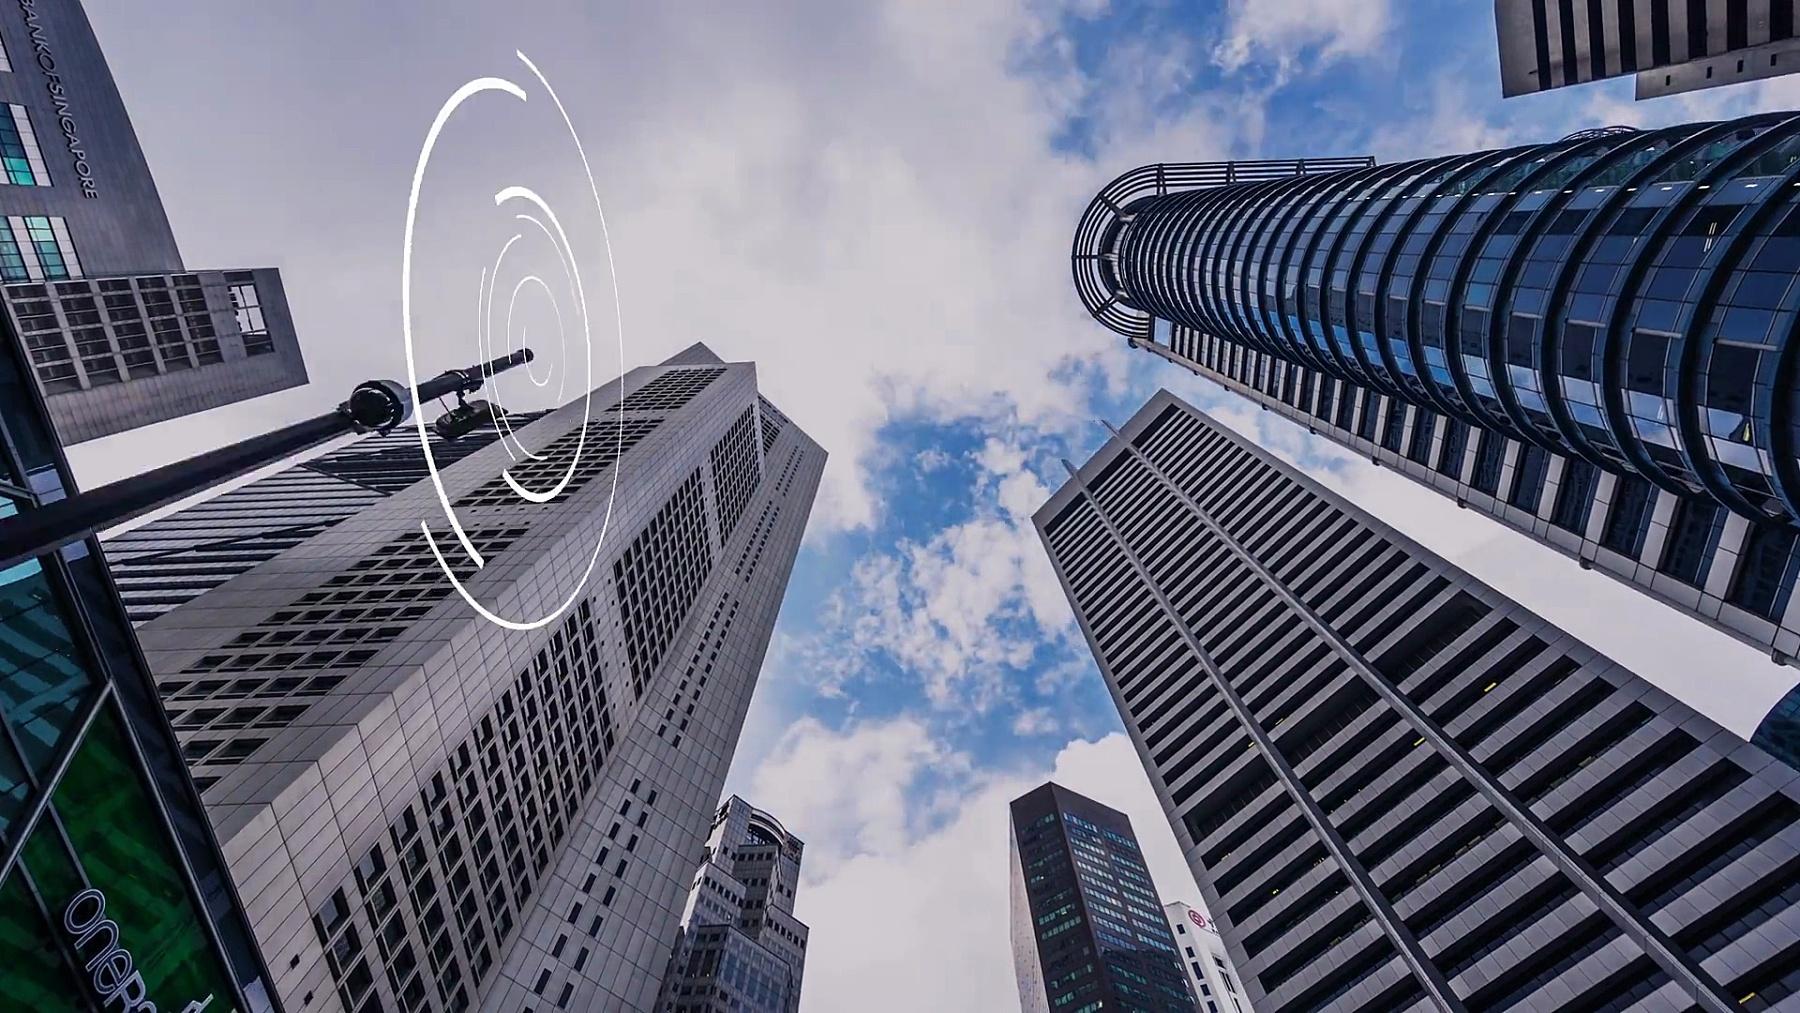 现代城市CBD中的现代智能建筑。延时超延时